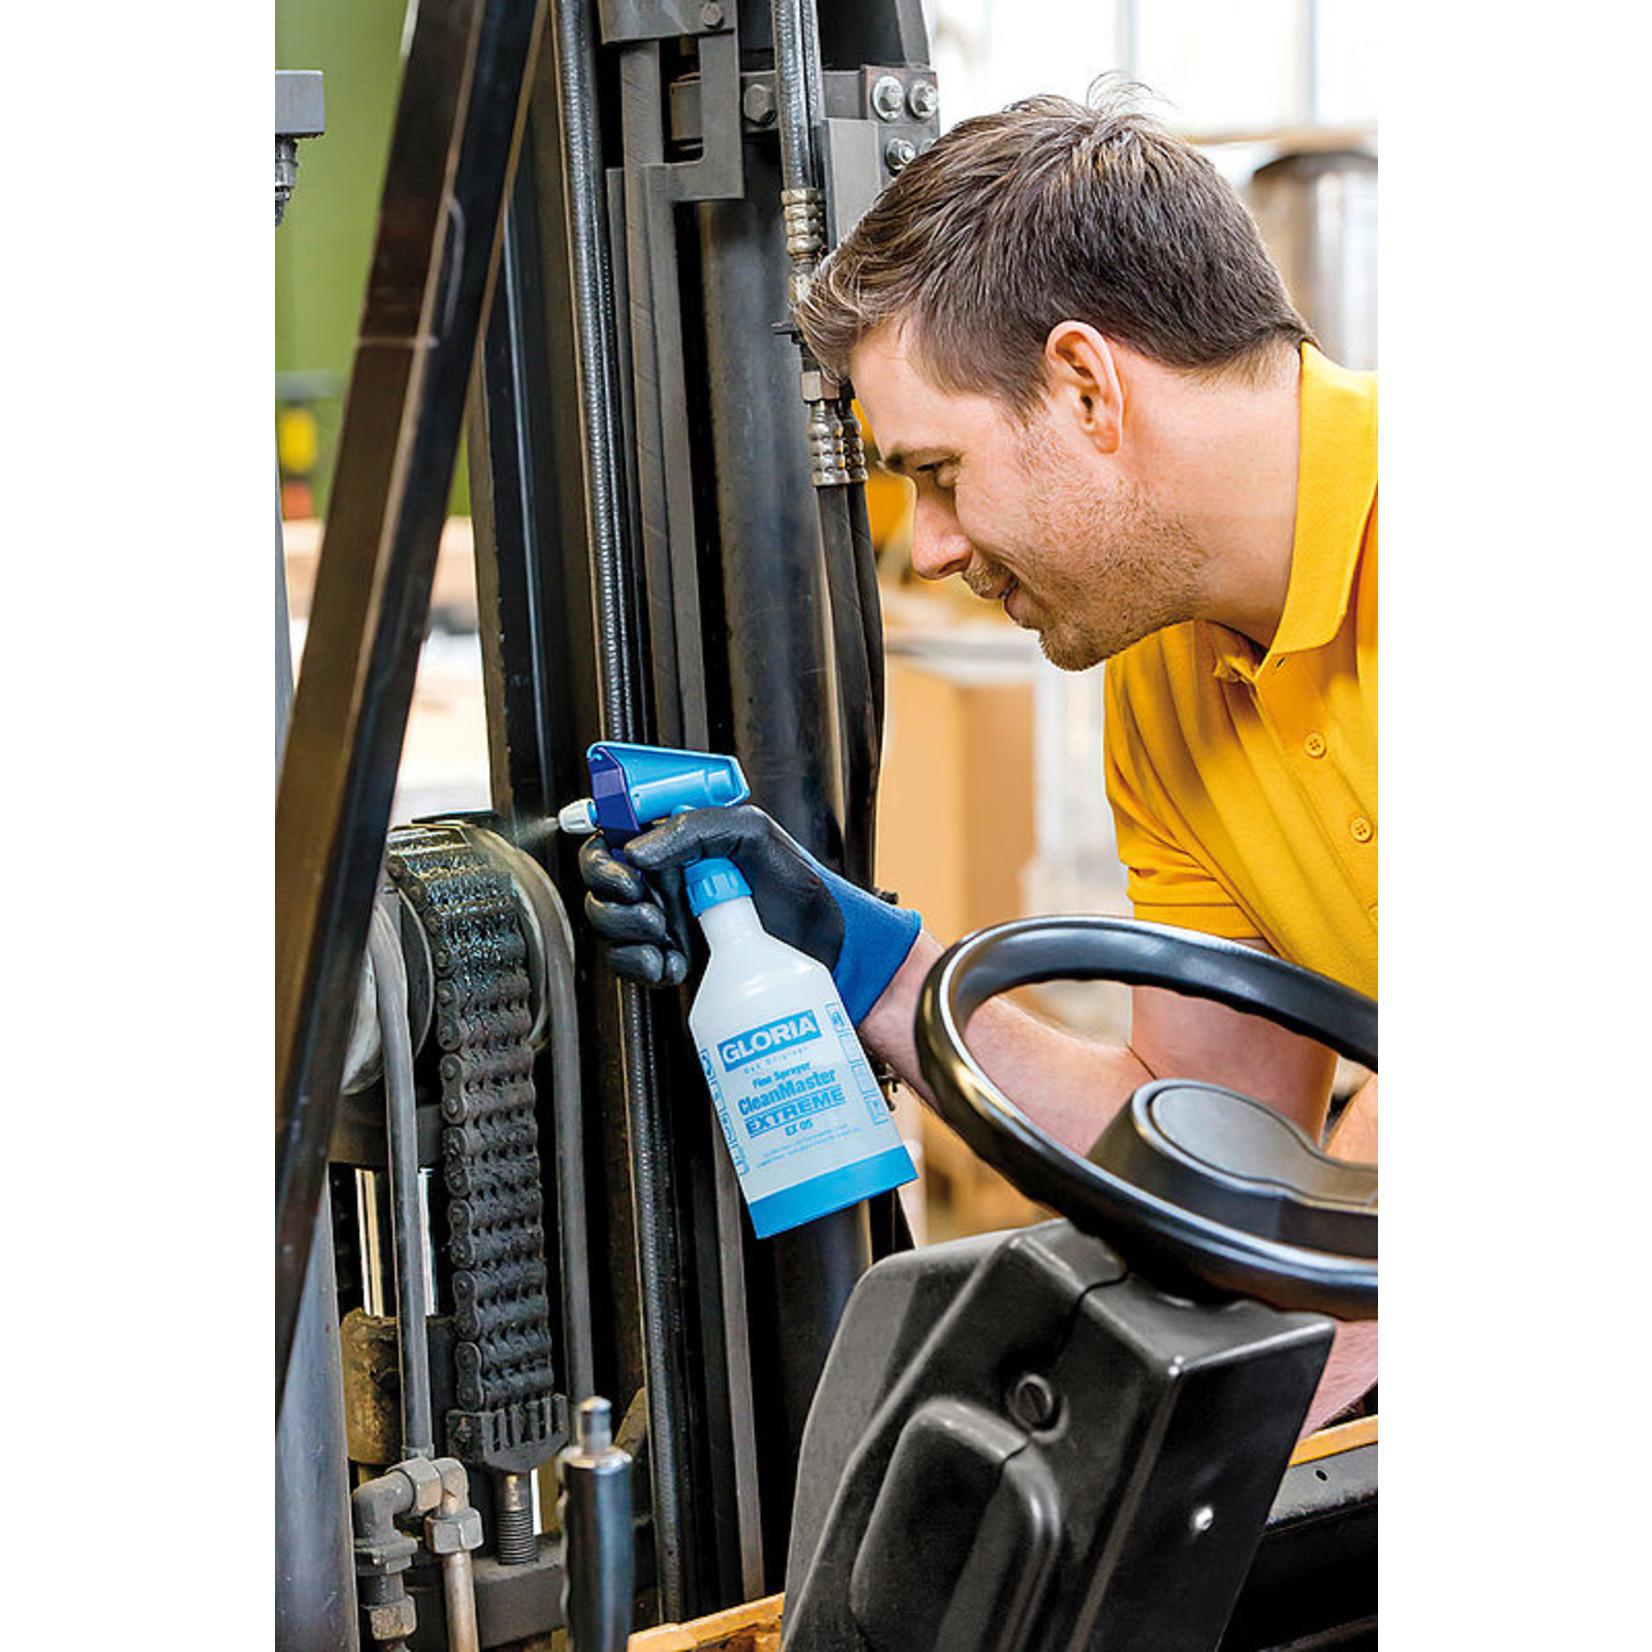 Gloria Reiniging Fijnsproeier CleanMaster Extreme EX05 (0,5 liter)